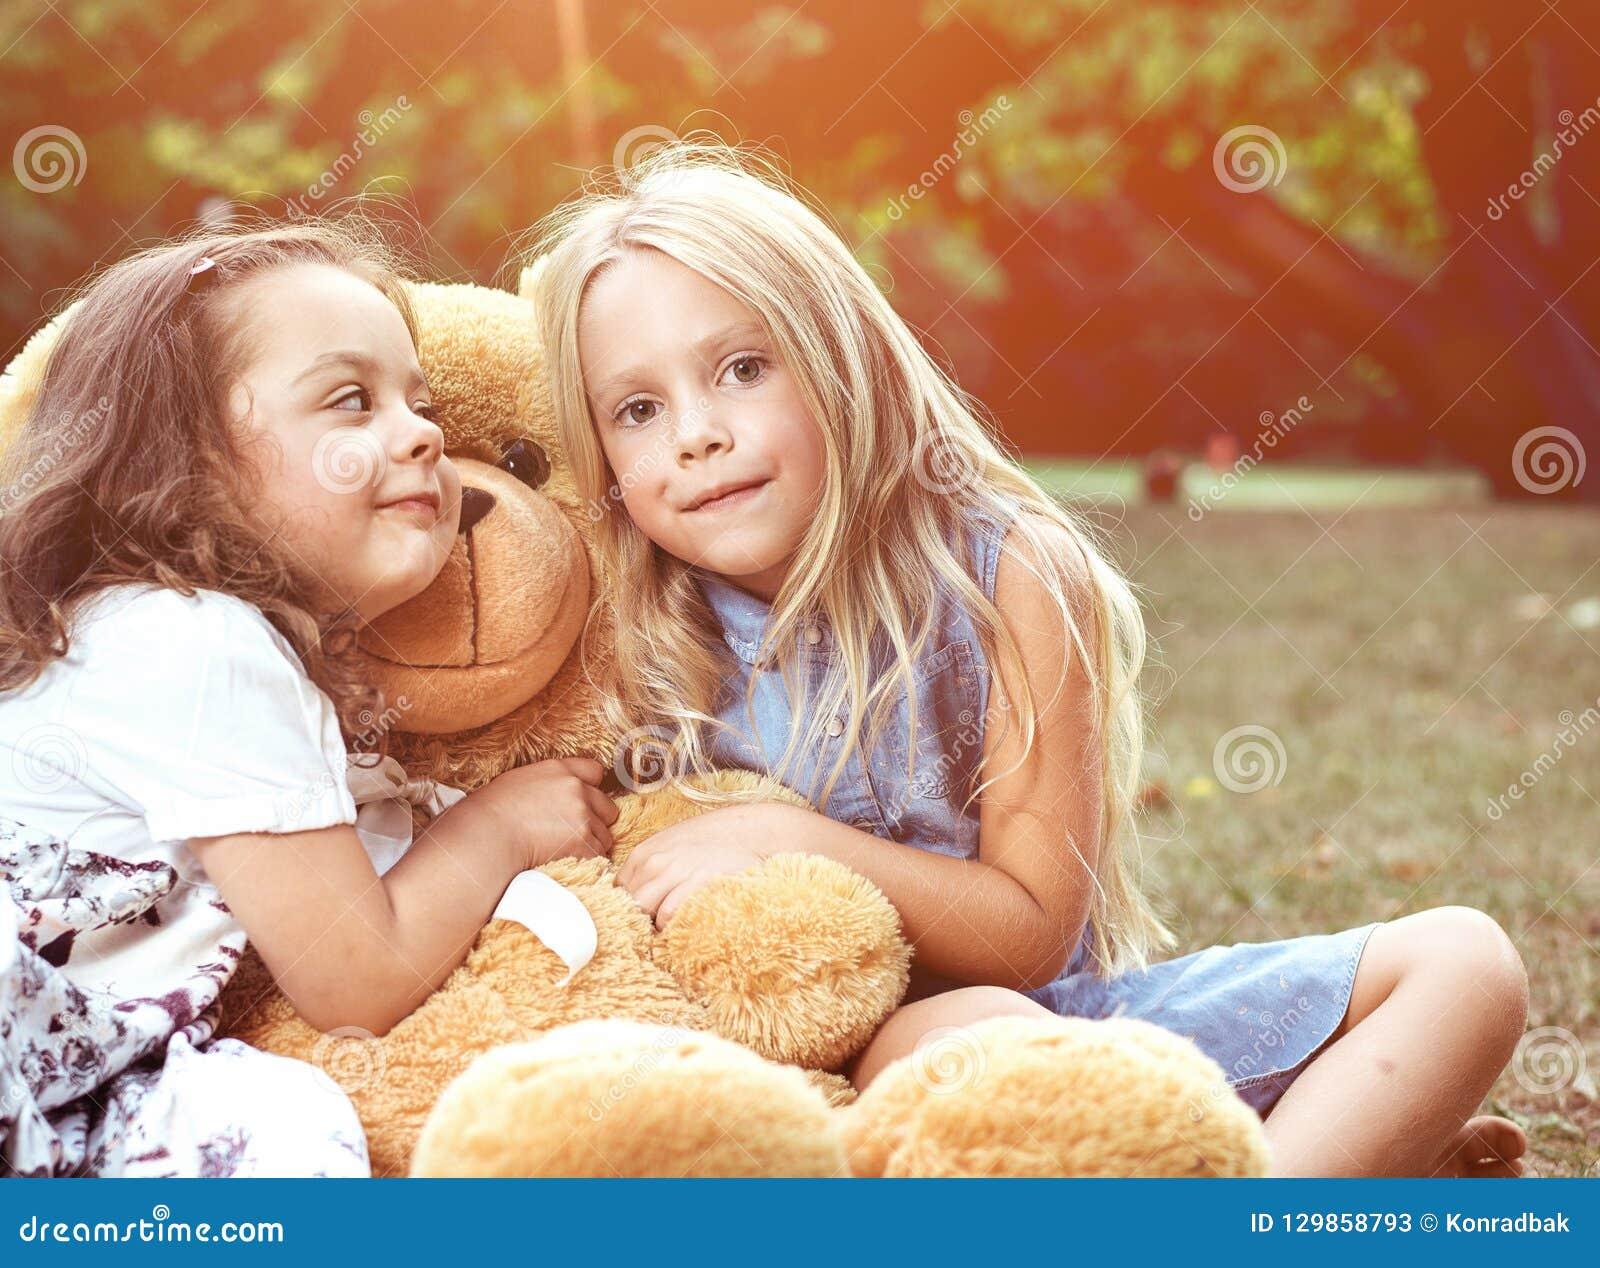 Duas meninas bonitos que abraçam um urso de peluche enorme